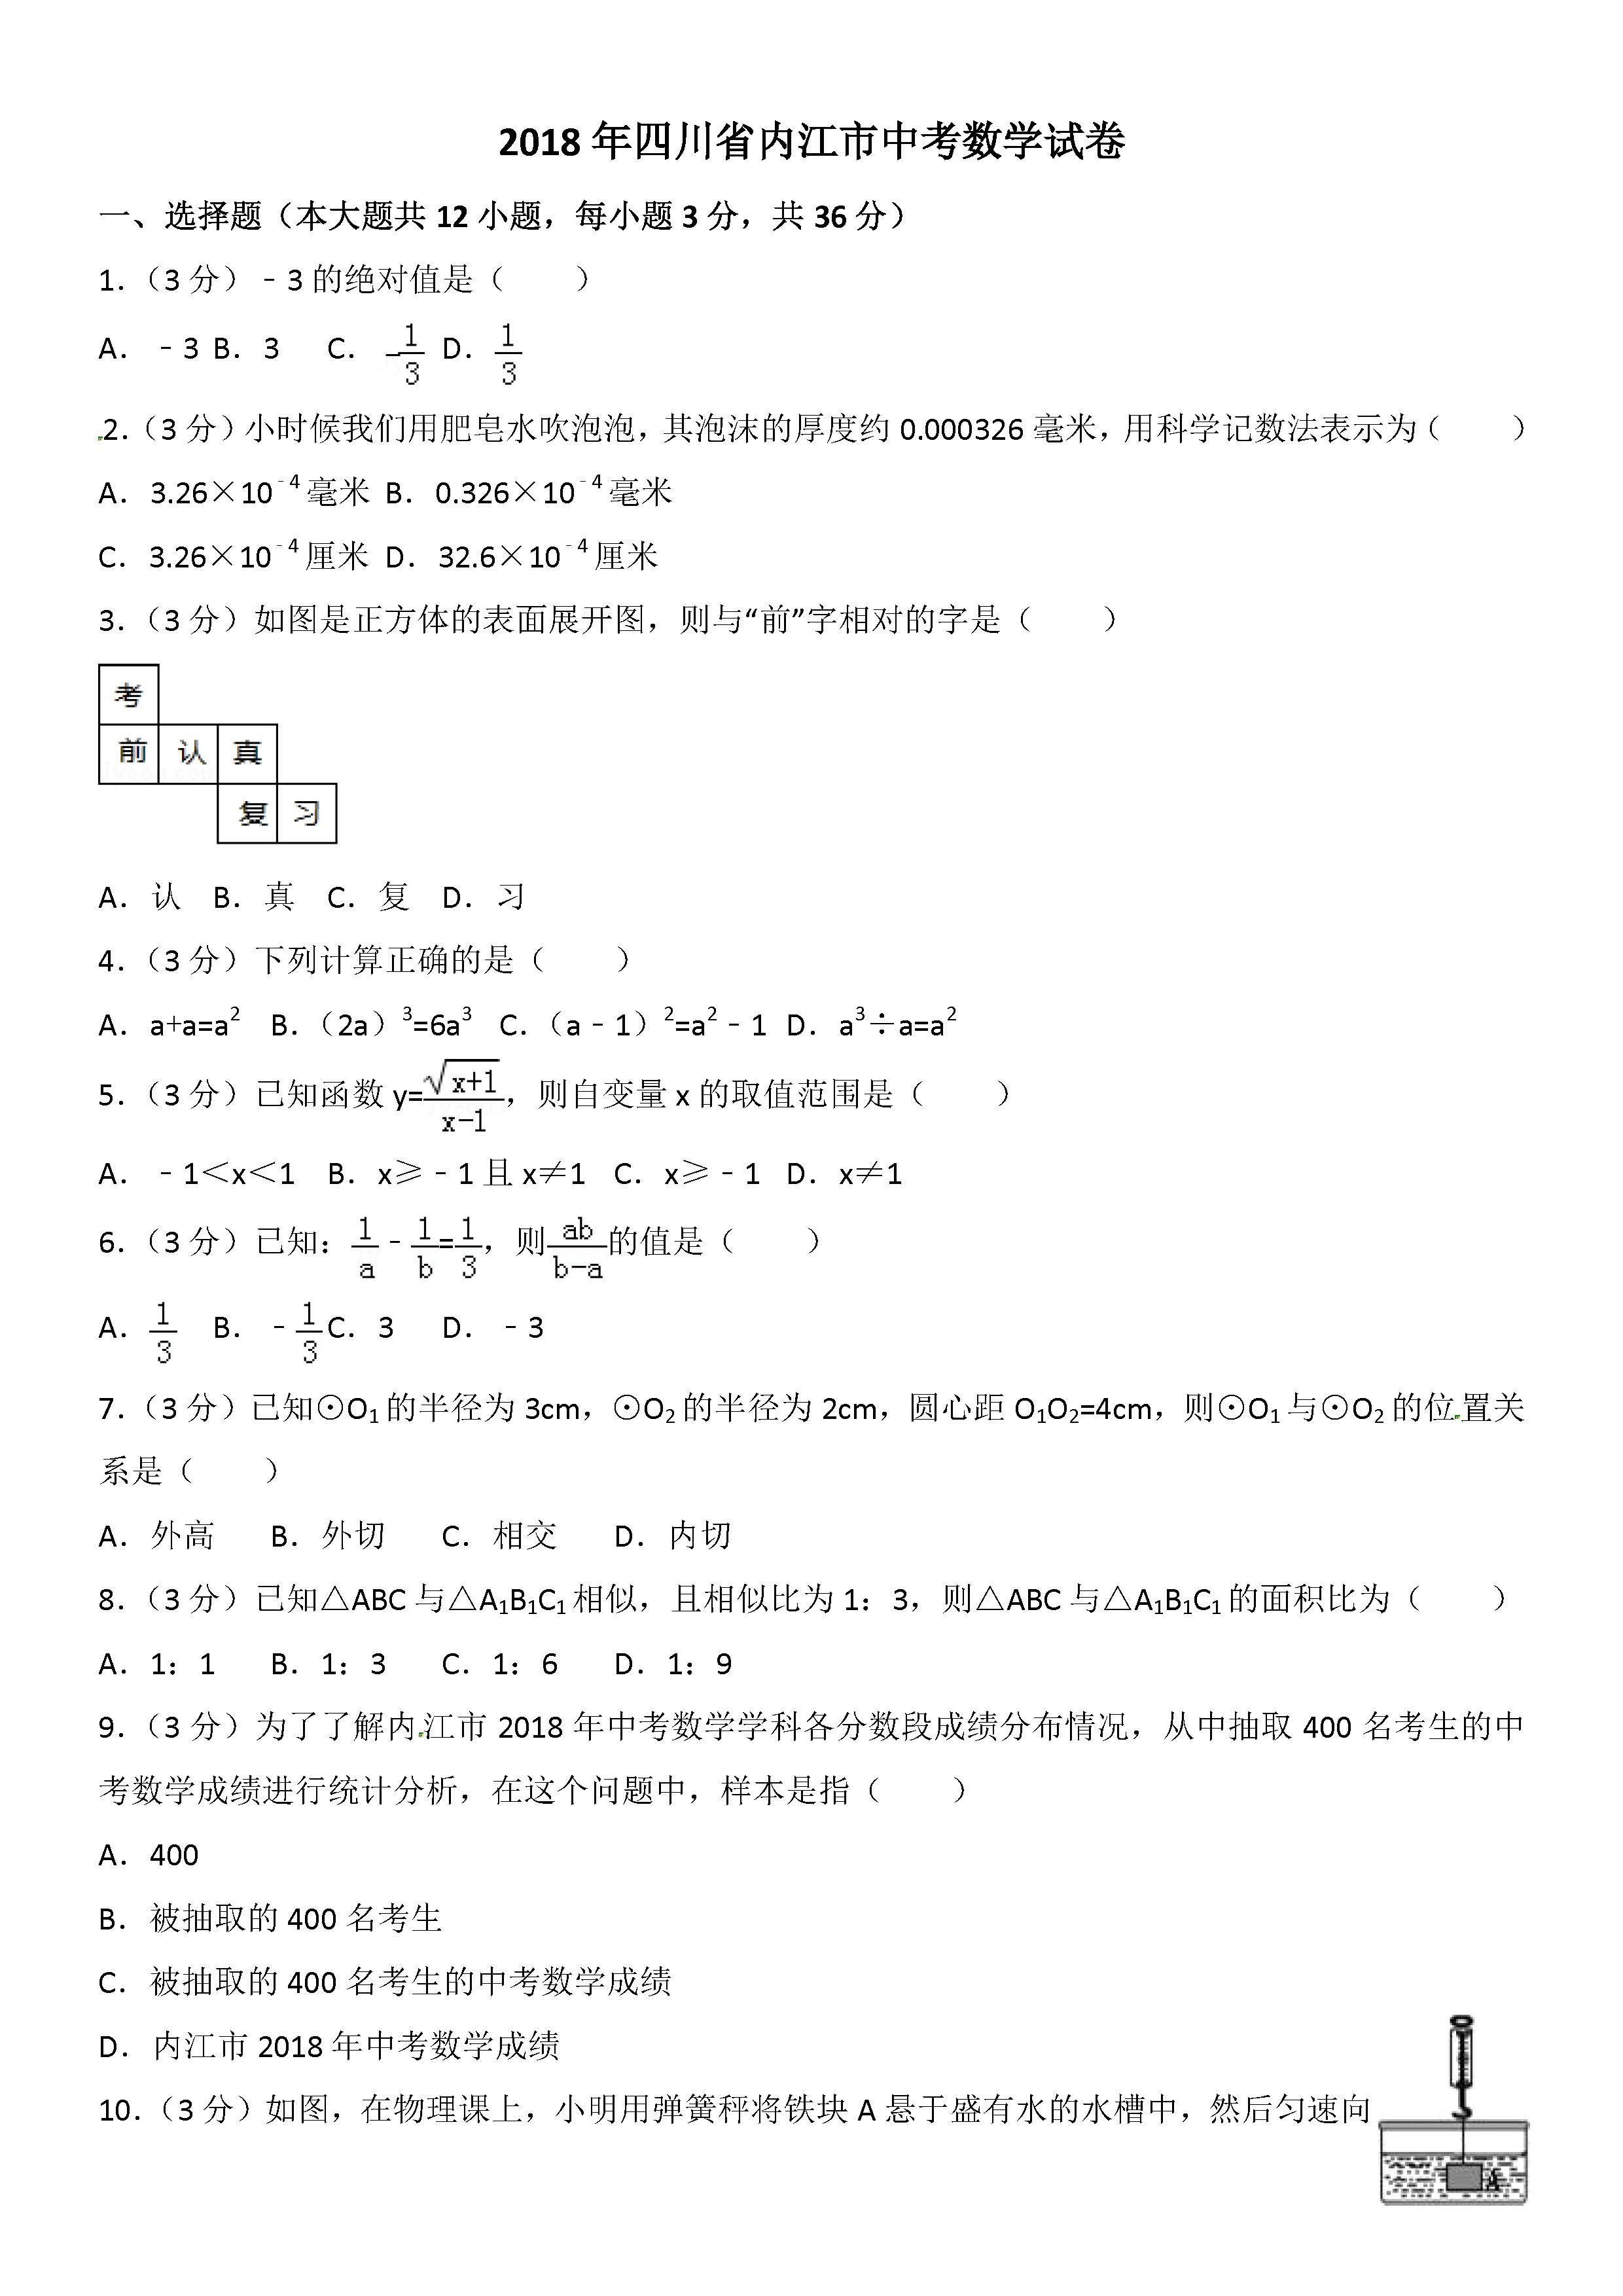 2018四川内江中考数学试题及答案解析